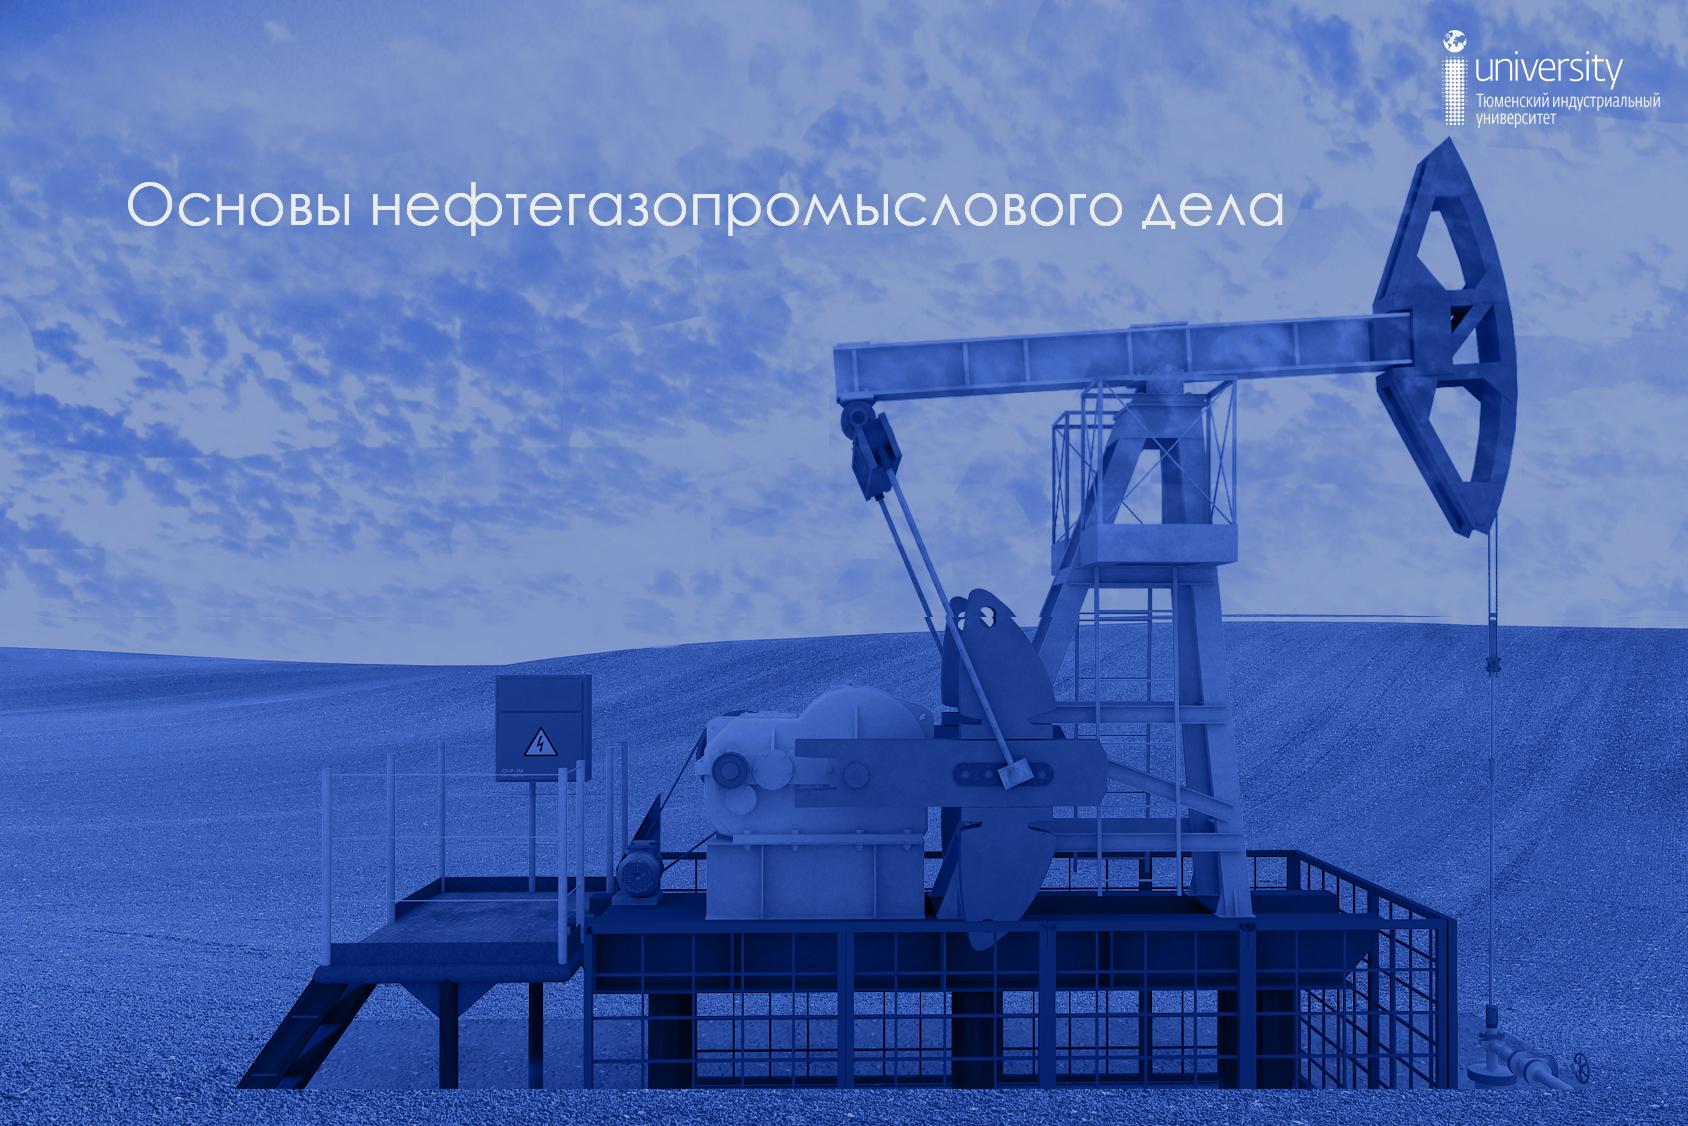 Course Image Основы нефтегазопромыслового дела